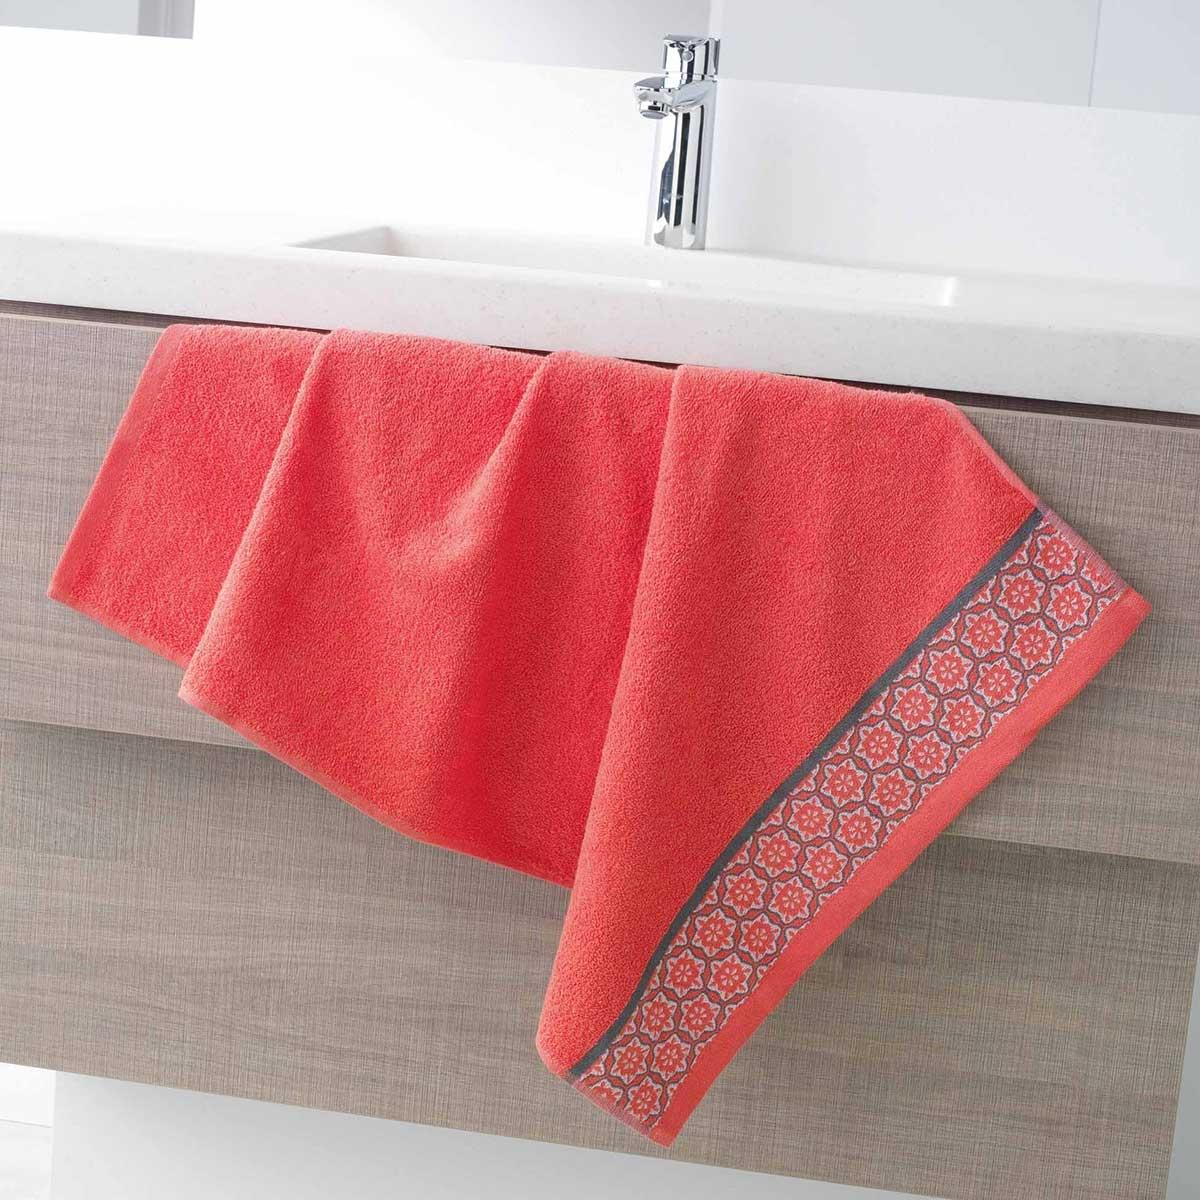 Serviette de Toilette en Eponge Unie avec Liteau Jacquard (Corail)